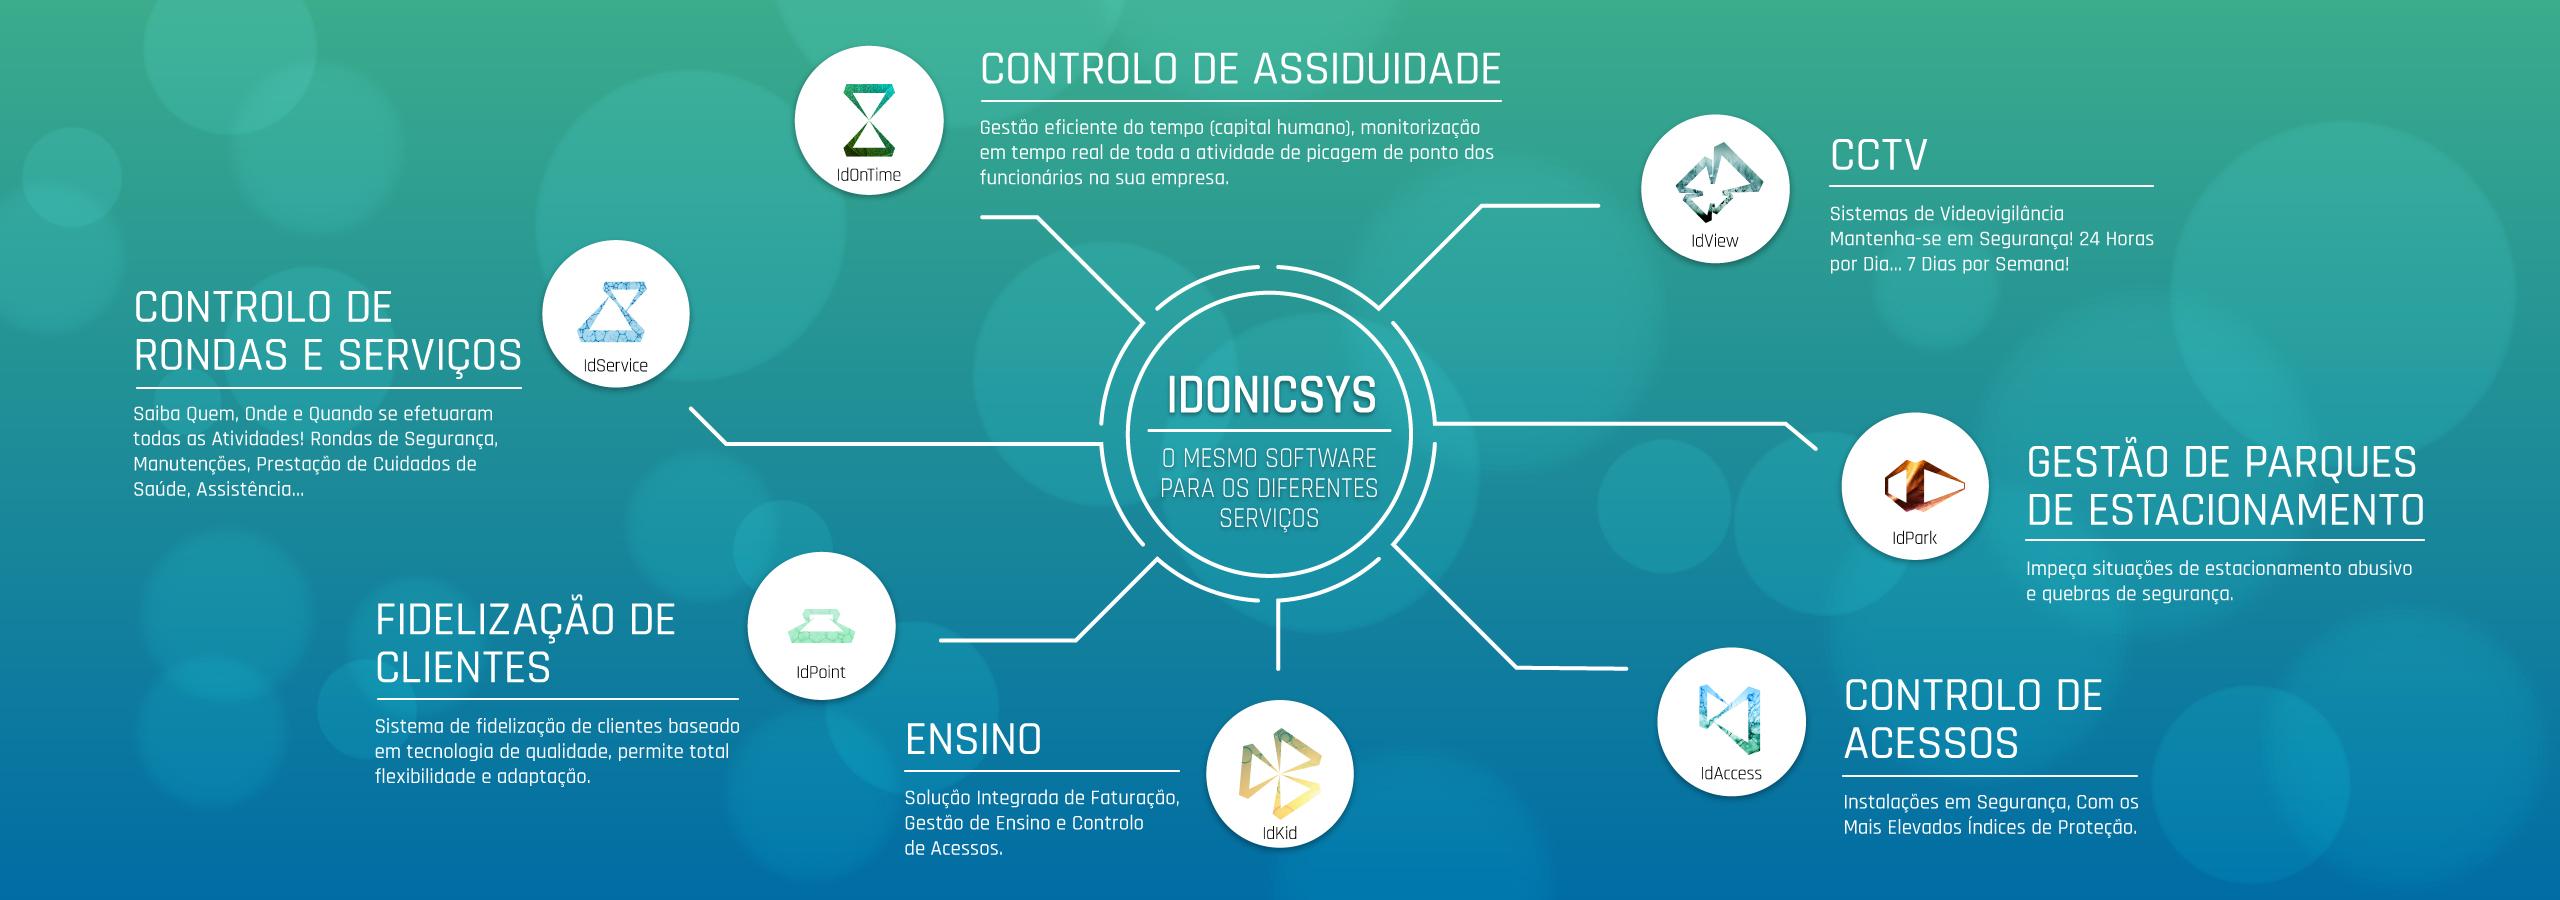 IDONICSYS | Software | Controlo De Assiduidade |Controlo de Acessos | Controlo de Rondas | Serviços | Sistema de Envio de SMS's | Gestão de Parques de Estacionamento | Faturação | Gestão | Controlo de Acessos para o Ensino | Sistema de Fidelização de Clientes | Videovigilância | Gestão de Cantinas